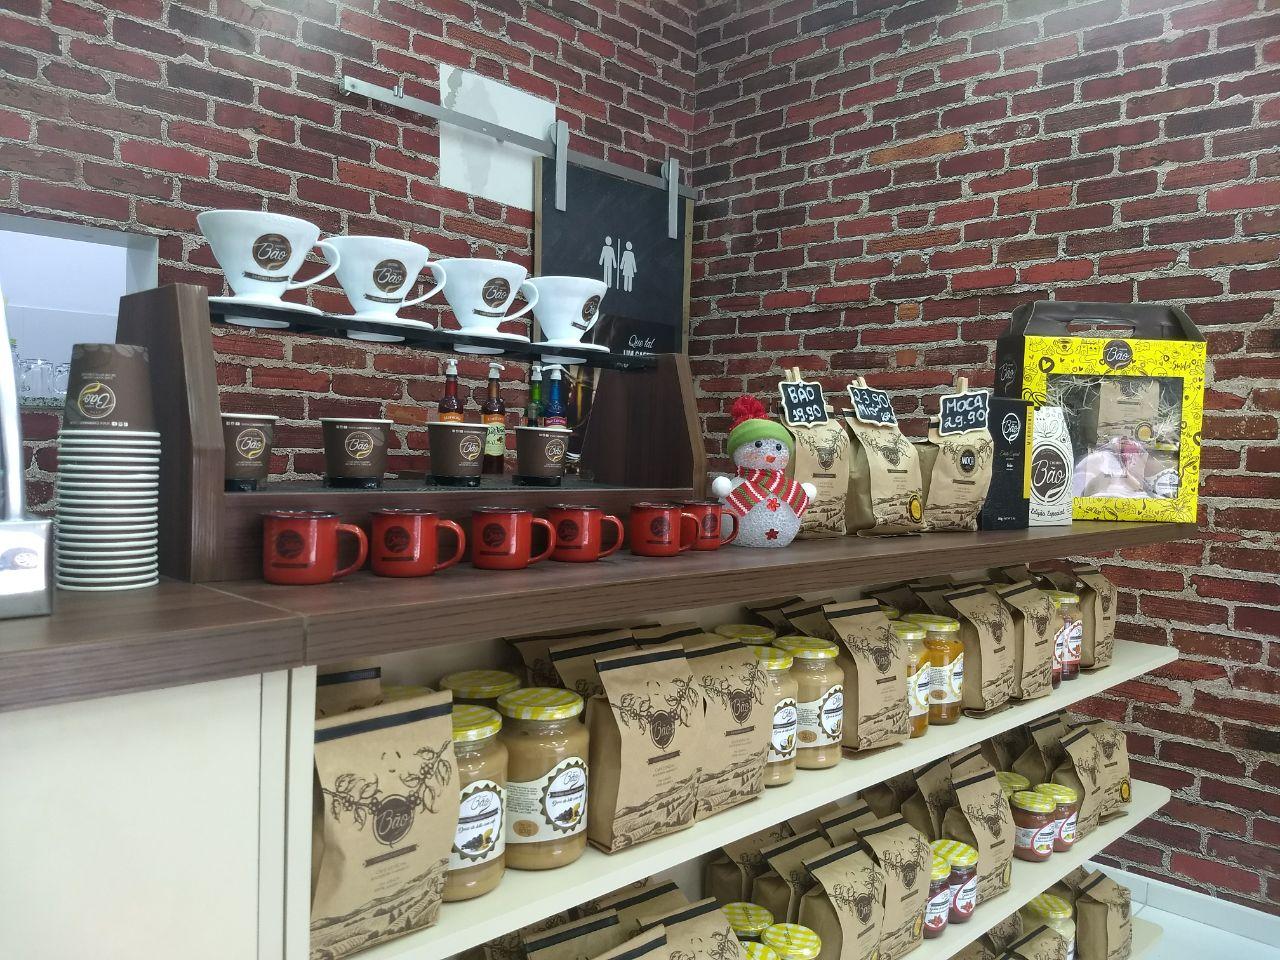 Mais de 80 produtos entre compostas, doces, cachaças e pimentas estão disponíveis no Empório mineiro Cheirin Bão. Foto: Divulgação